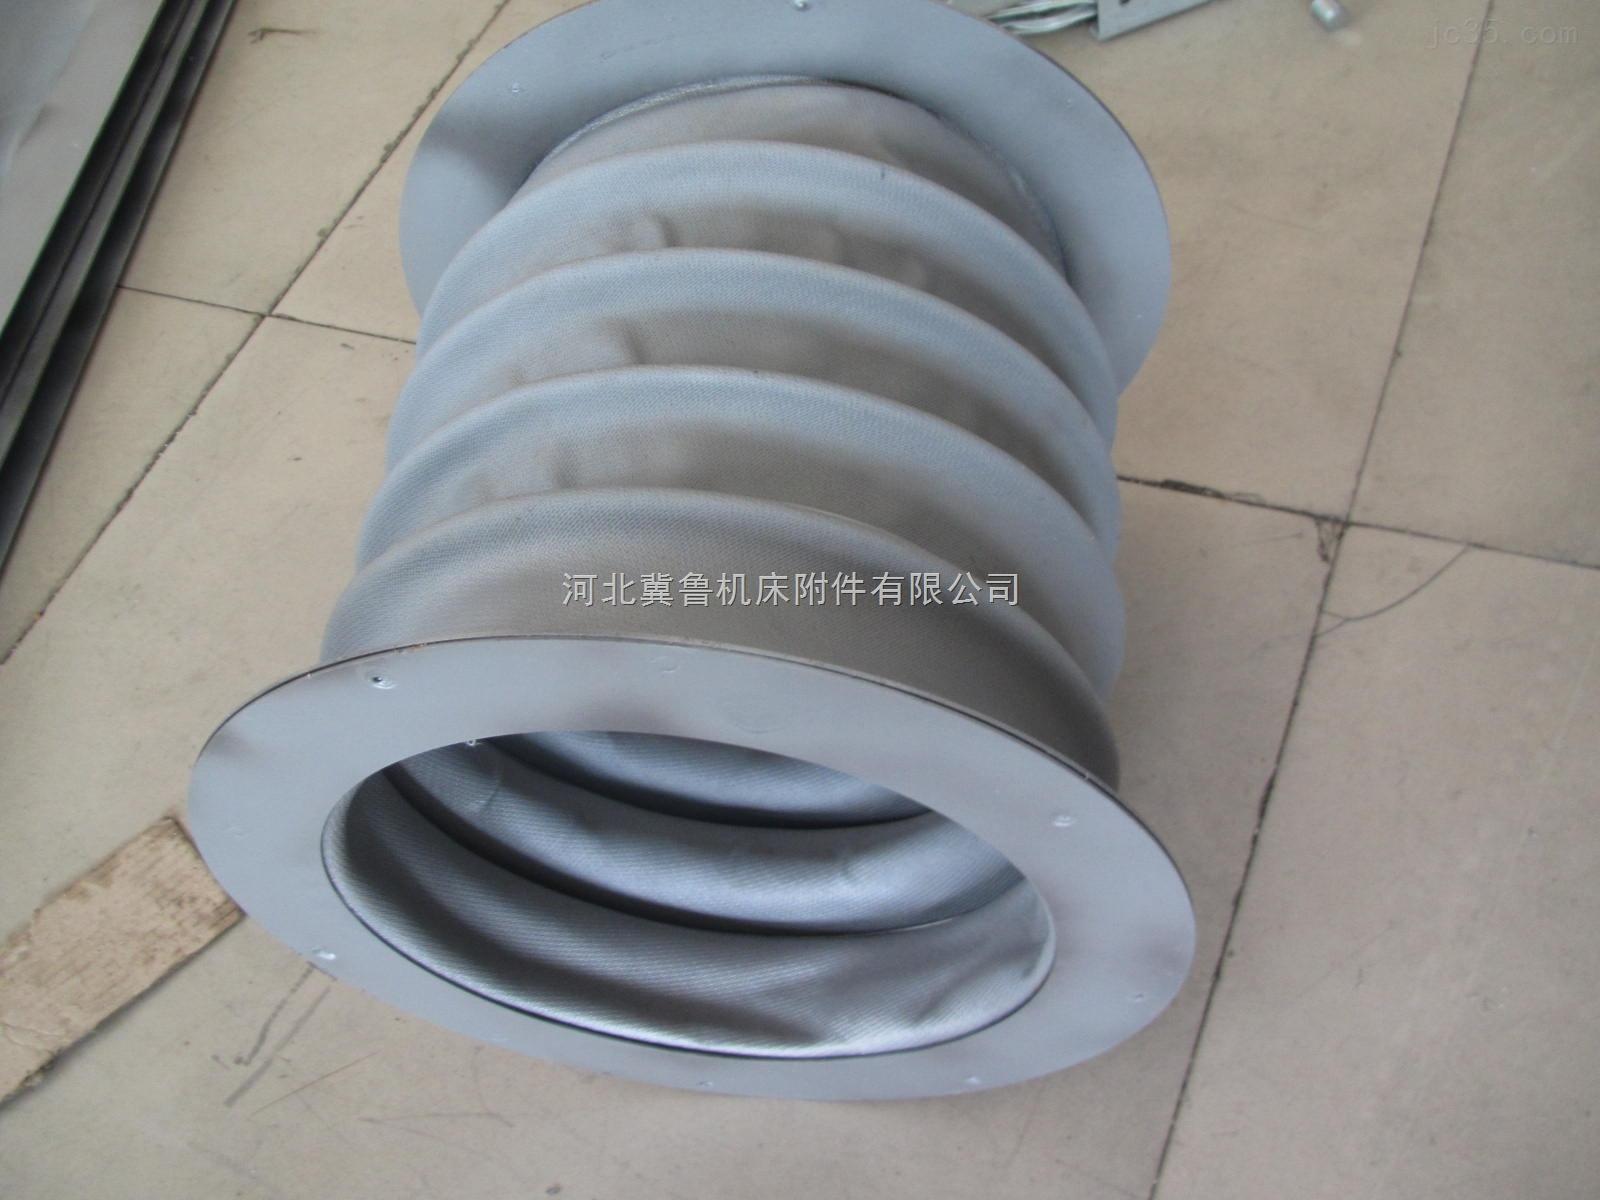 高性能耐腐蚀耐高温伸缩软连接生产厂家